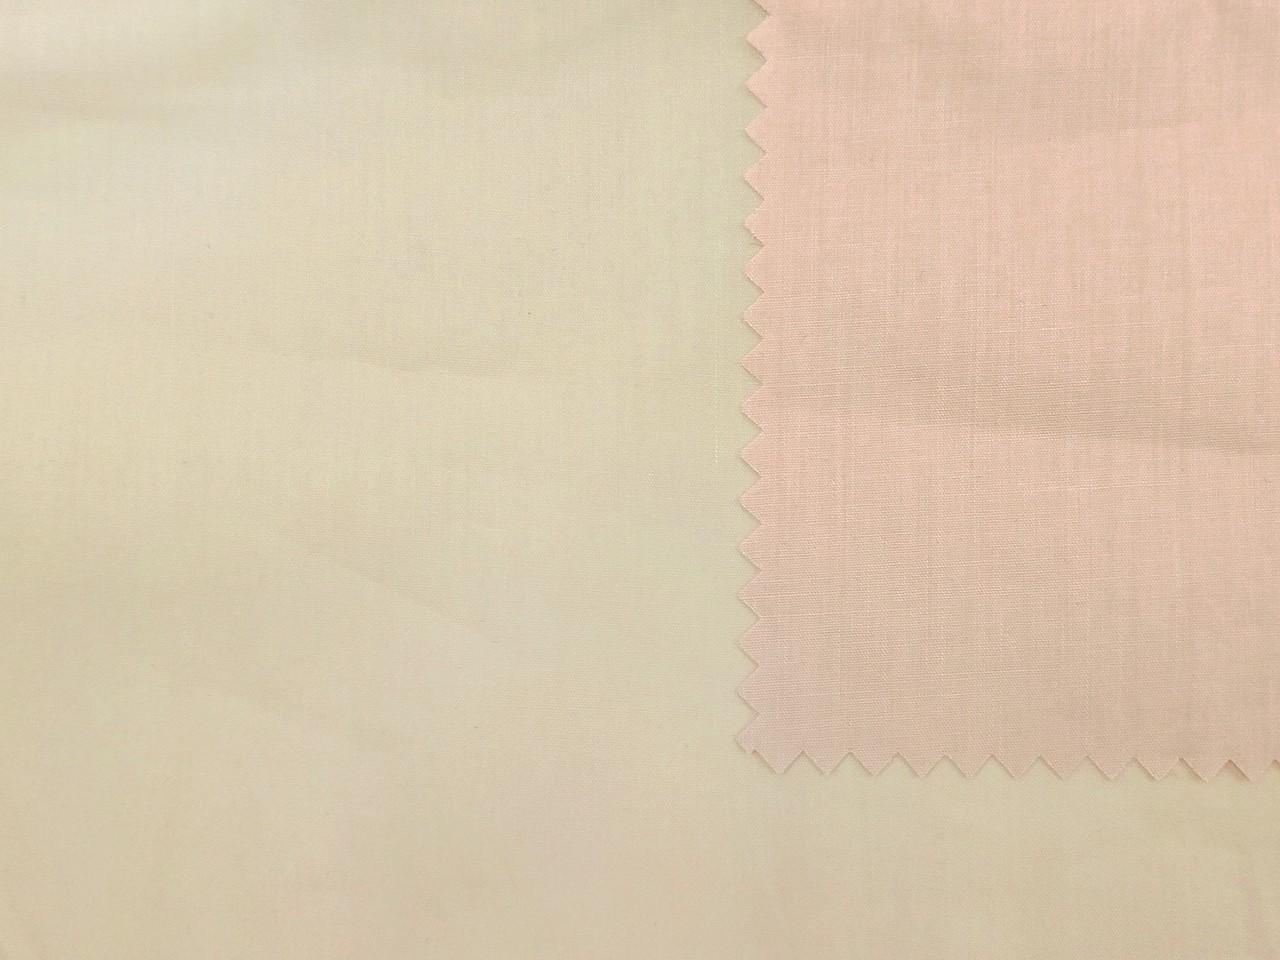 輕薄微彈襯衫布(TWLA011)